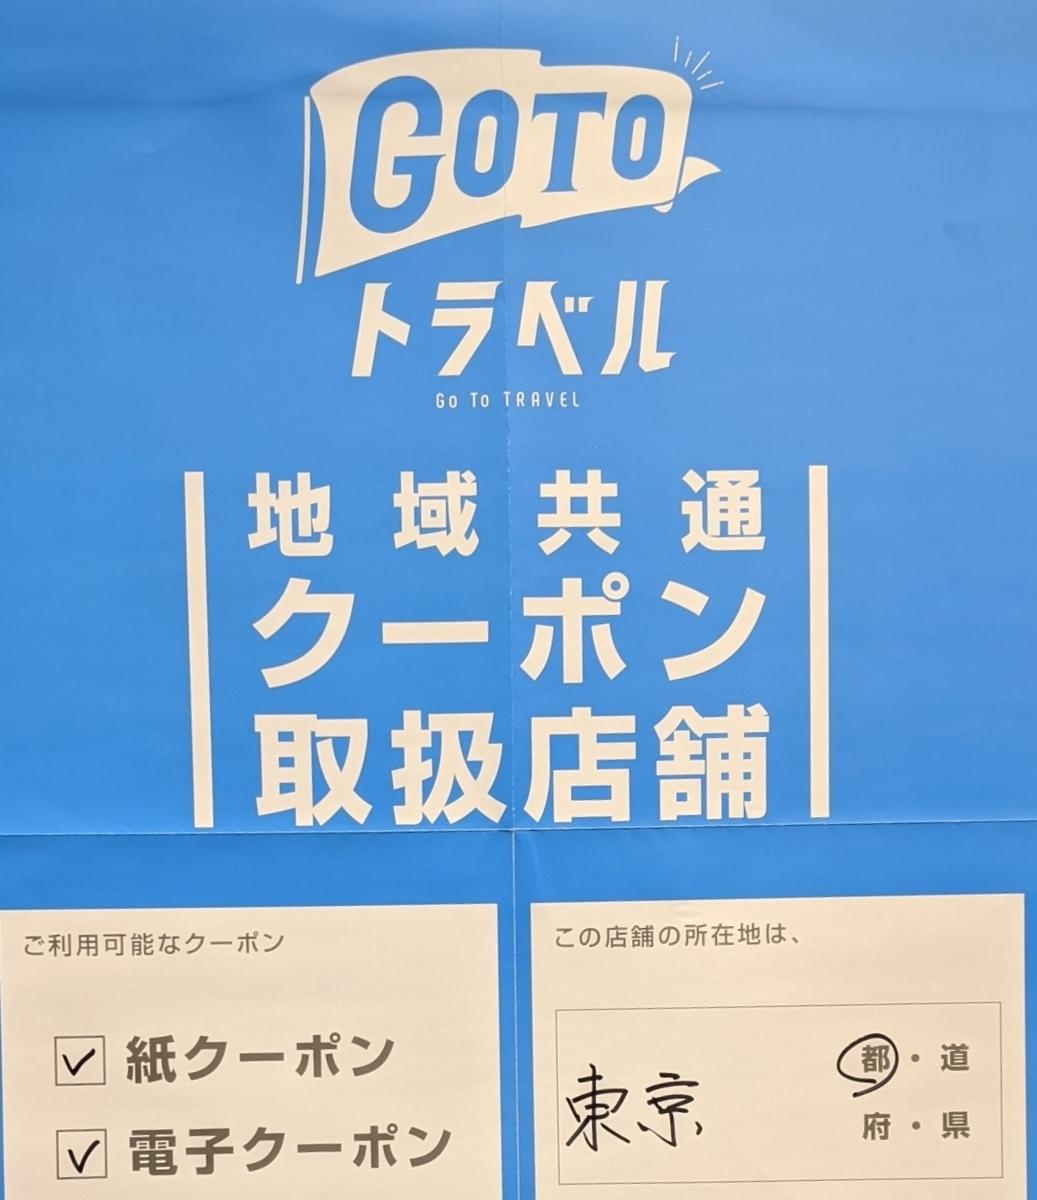 GoToトラベル地域共通クーポンポスター